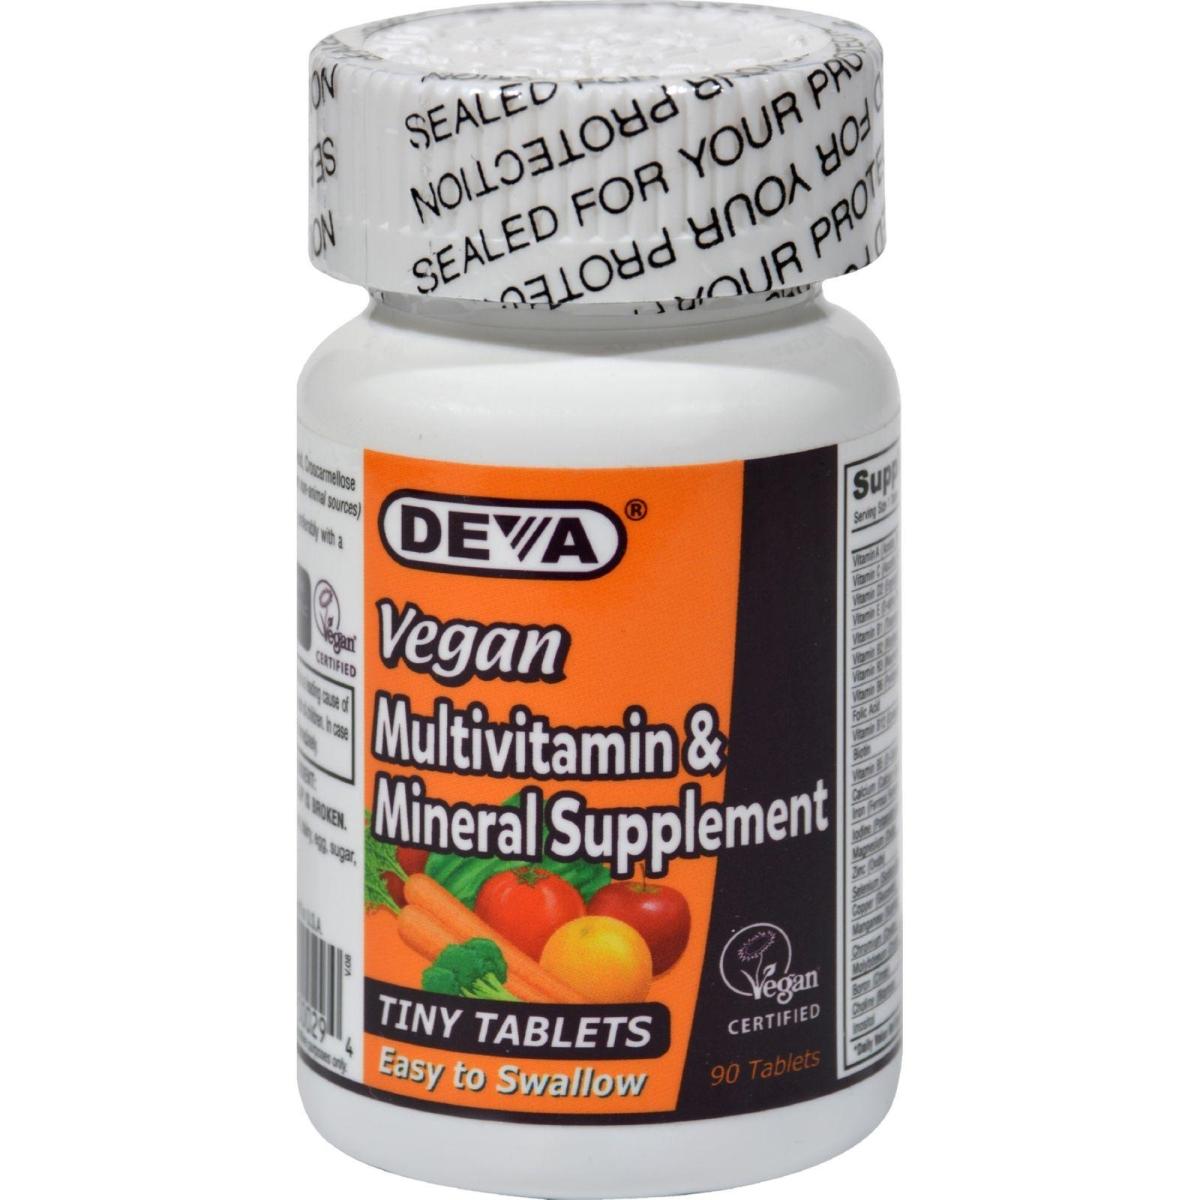 Deva Vegan Vitamins HG0684209 Multivitamin & Mineral Supplement 90 Tiny Tablets